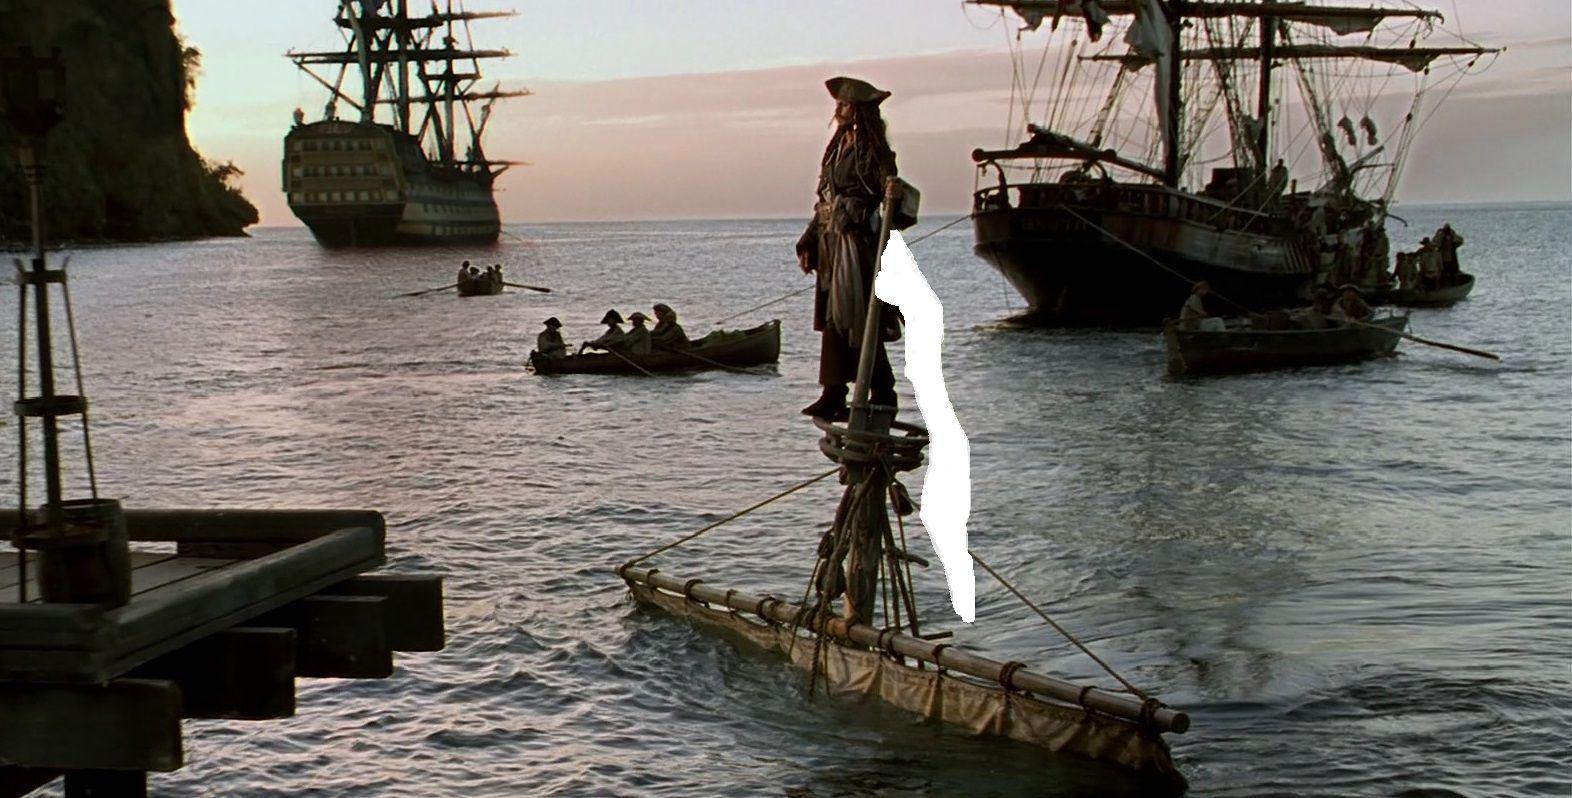 La primera escena donde sale Jack Sparrow es memorable pero, ¿de qué color es la bandera del bote?